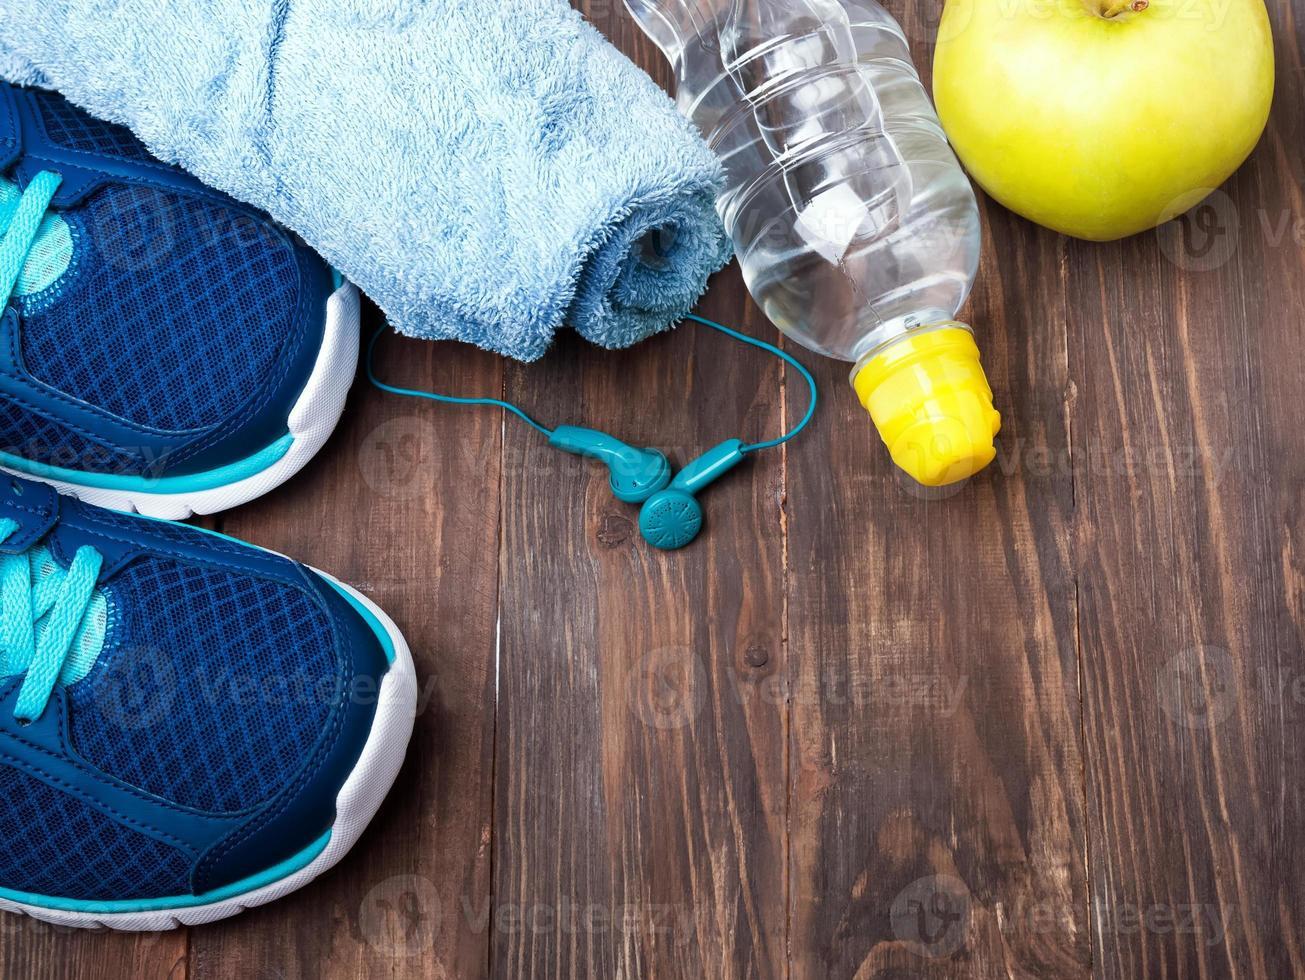 scarpe da ginnastica, acqua, asciugamano e auricolari sullo sfondo di legno foto